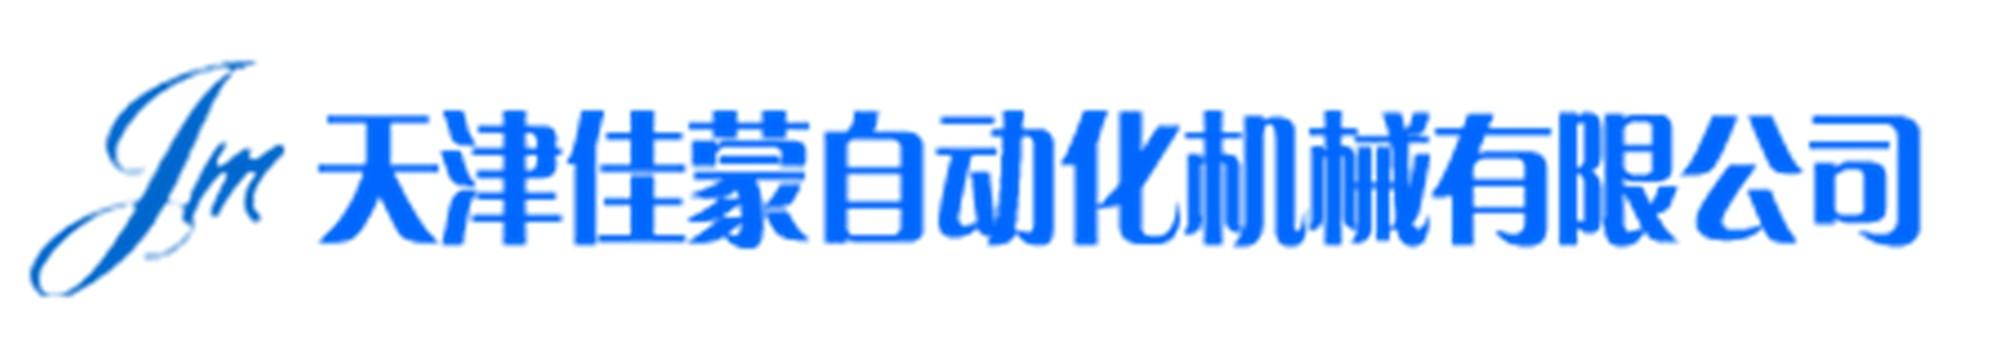 天津佳蒙自动化机械有限公司